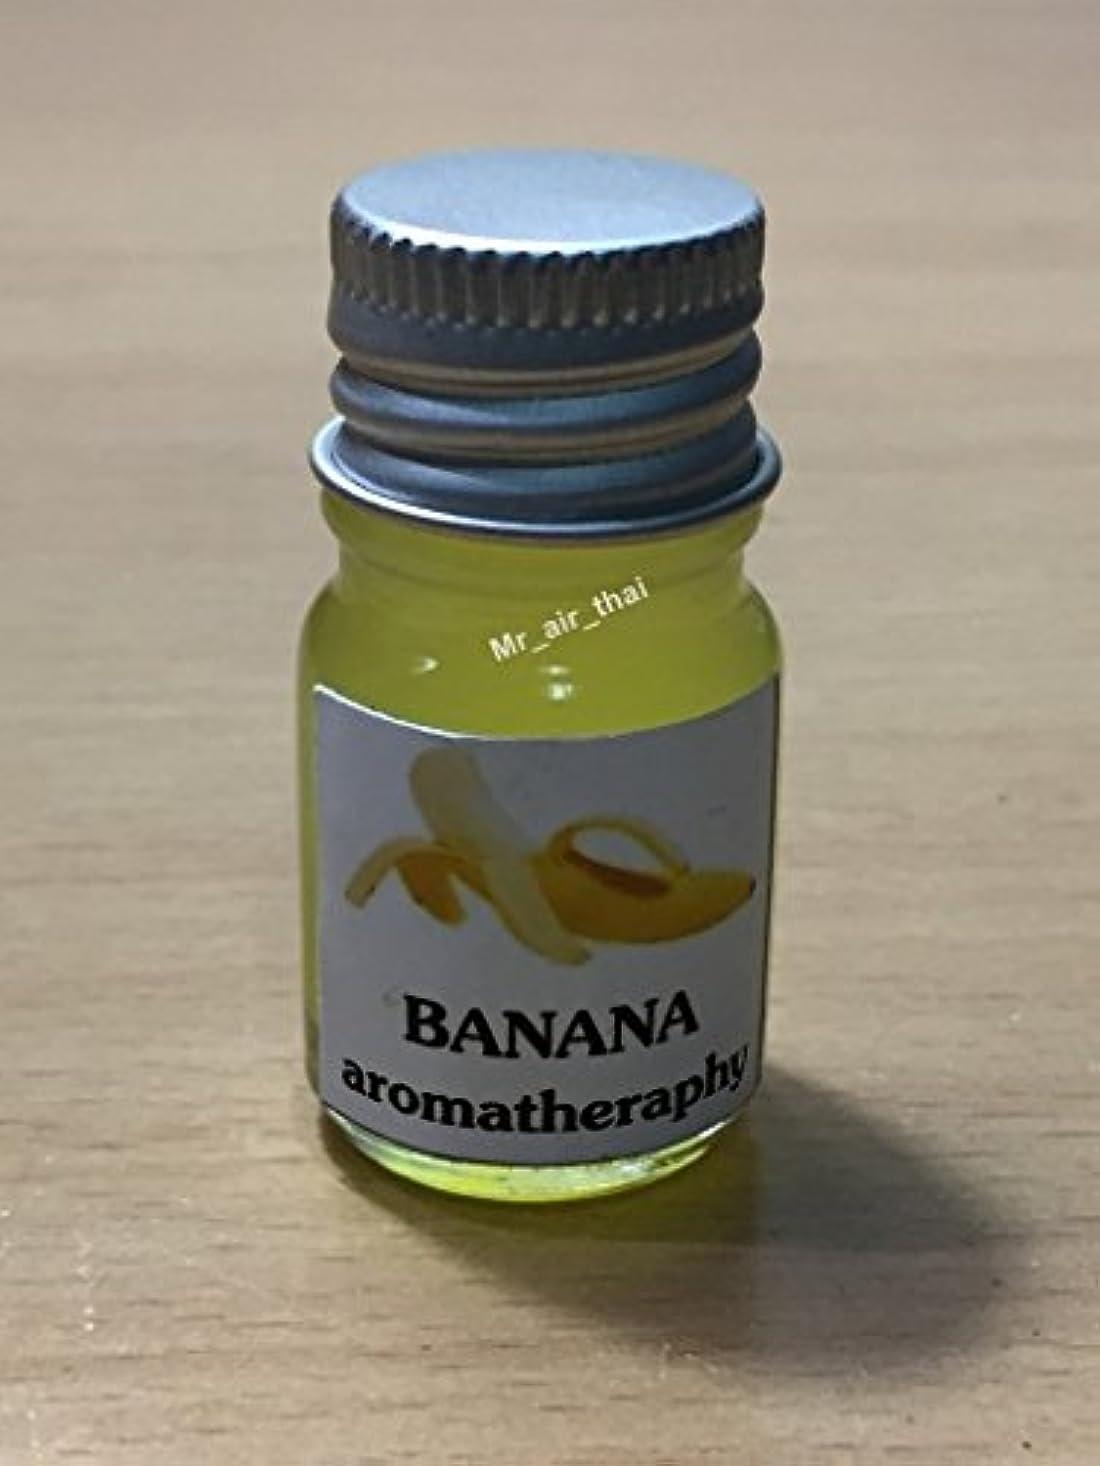 交通コレクション飾り羽5ミリリットルアロマバナナフランクインセンスエッセンシャルオイルボトルアロマテラピーオイル自然自然5ml Aroma Banana Frankincense Essential Oil Bottles Aromatherapy...